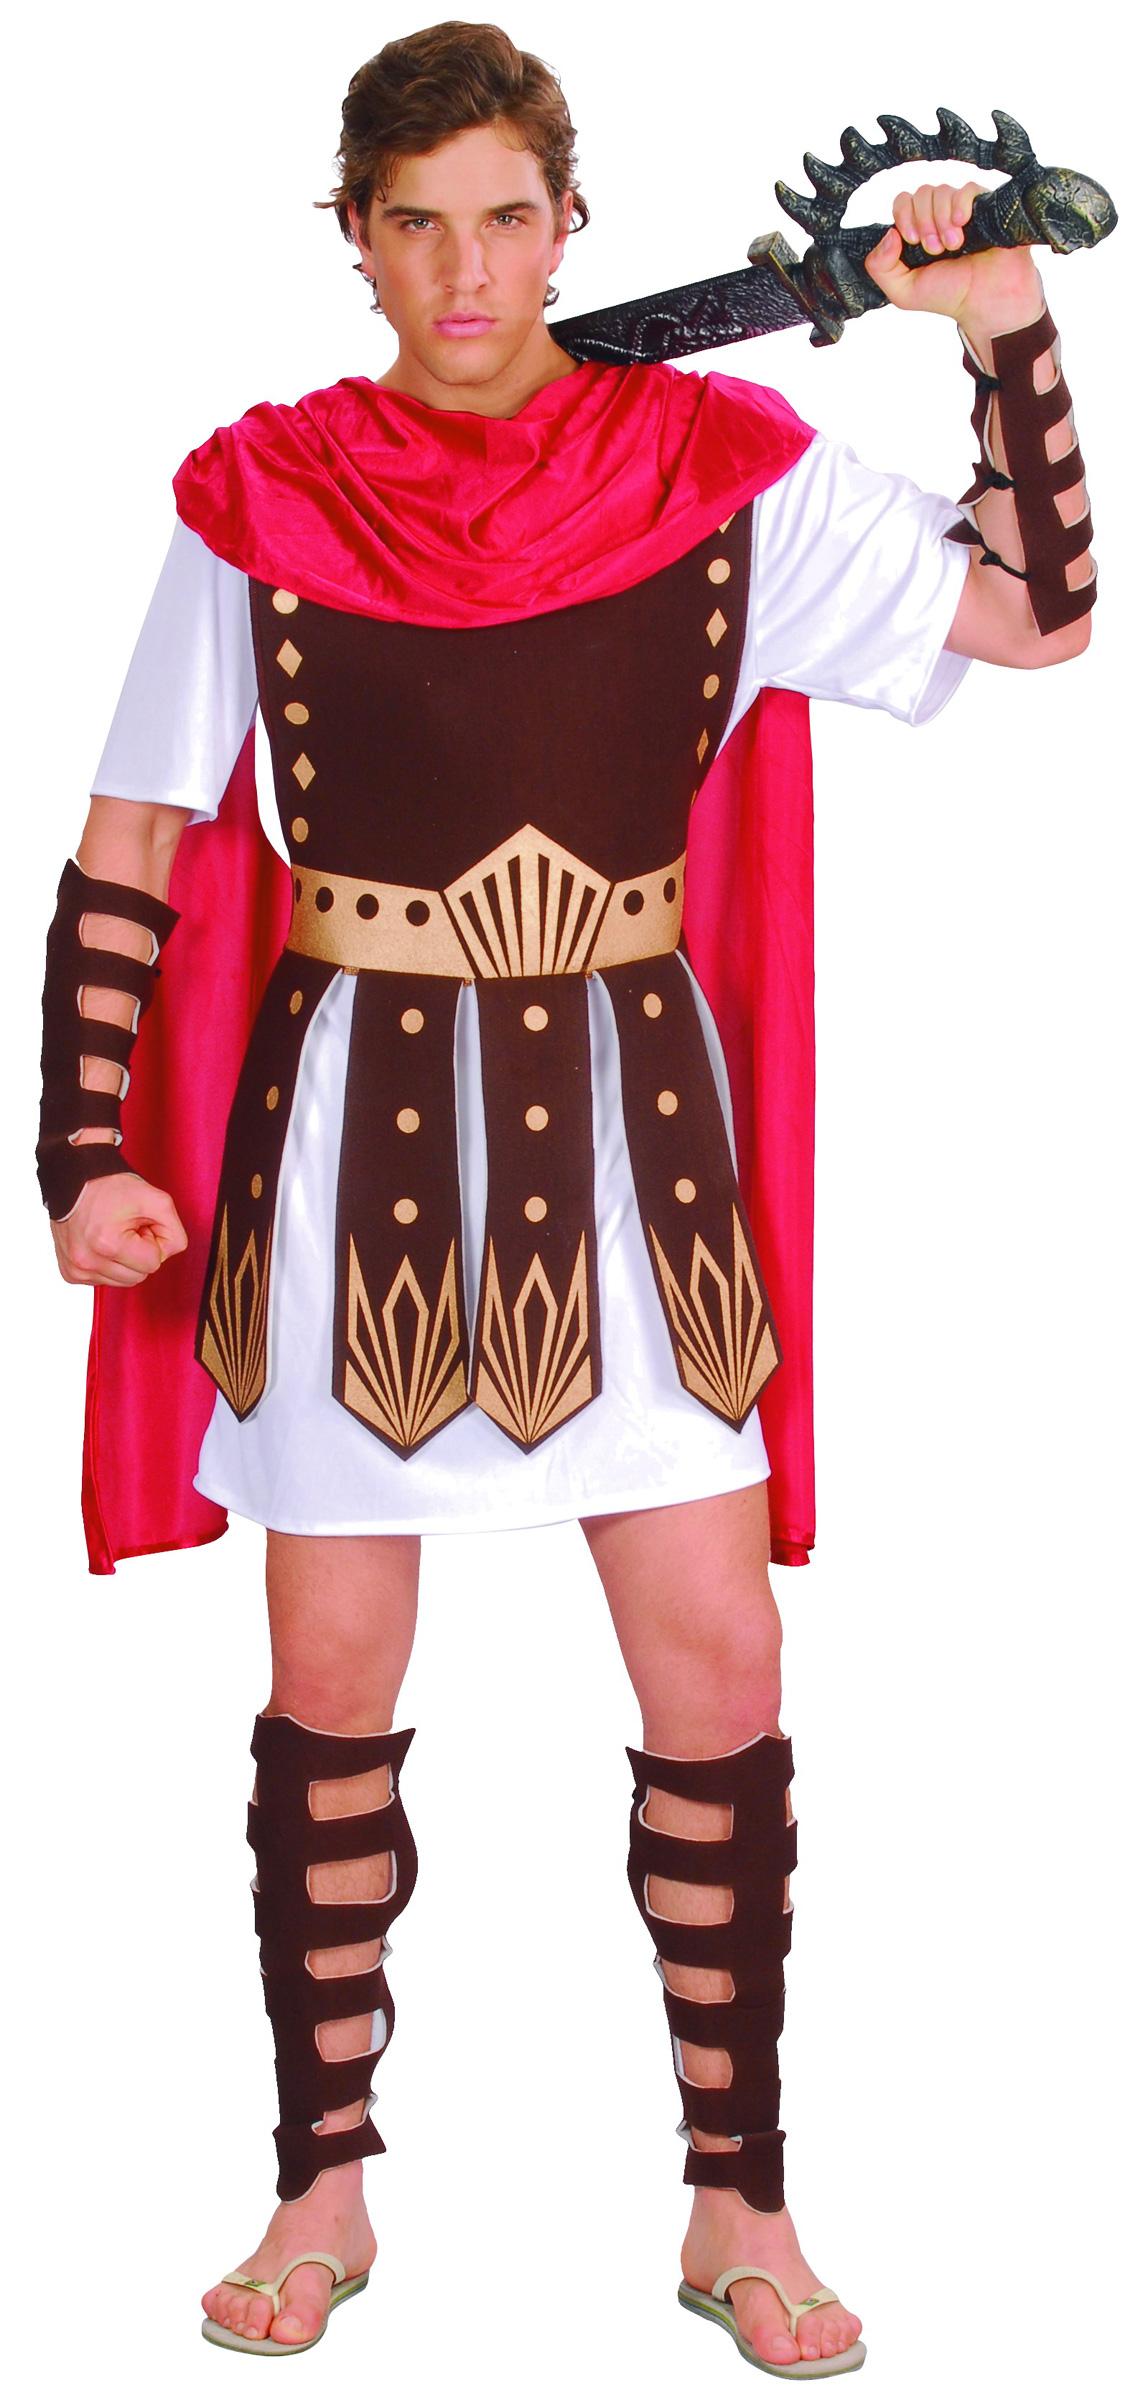 Gladiatoren-Kostuem-fuer-Maenner-Cod-221780